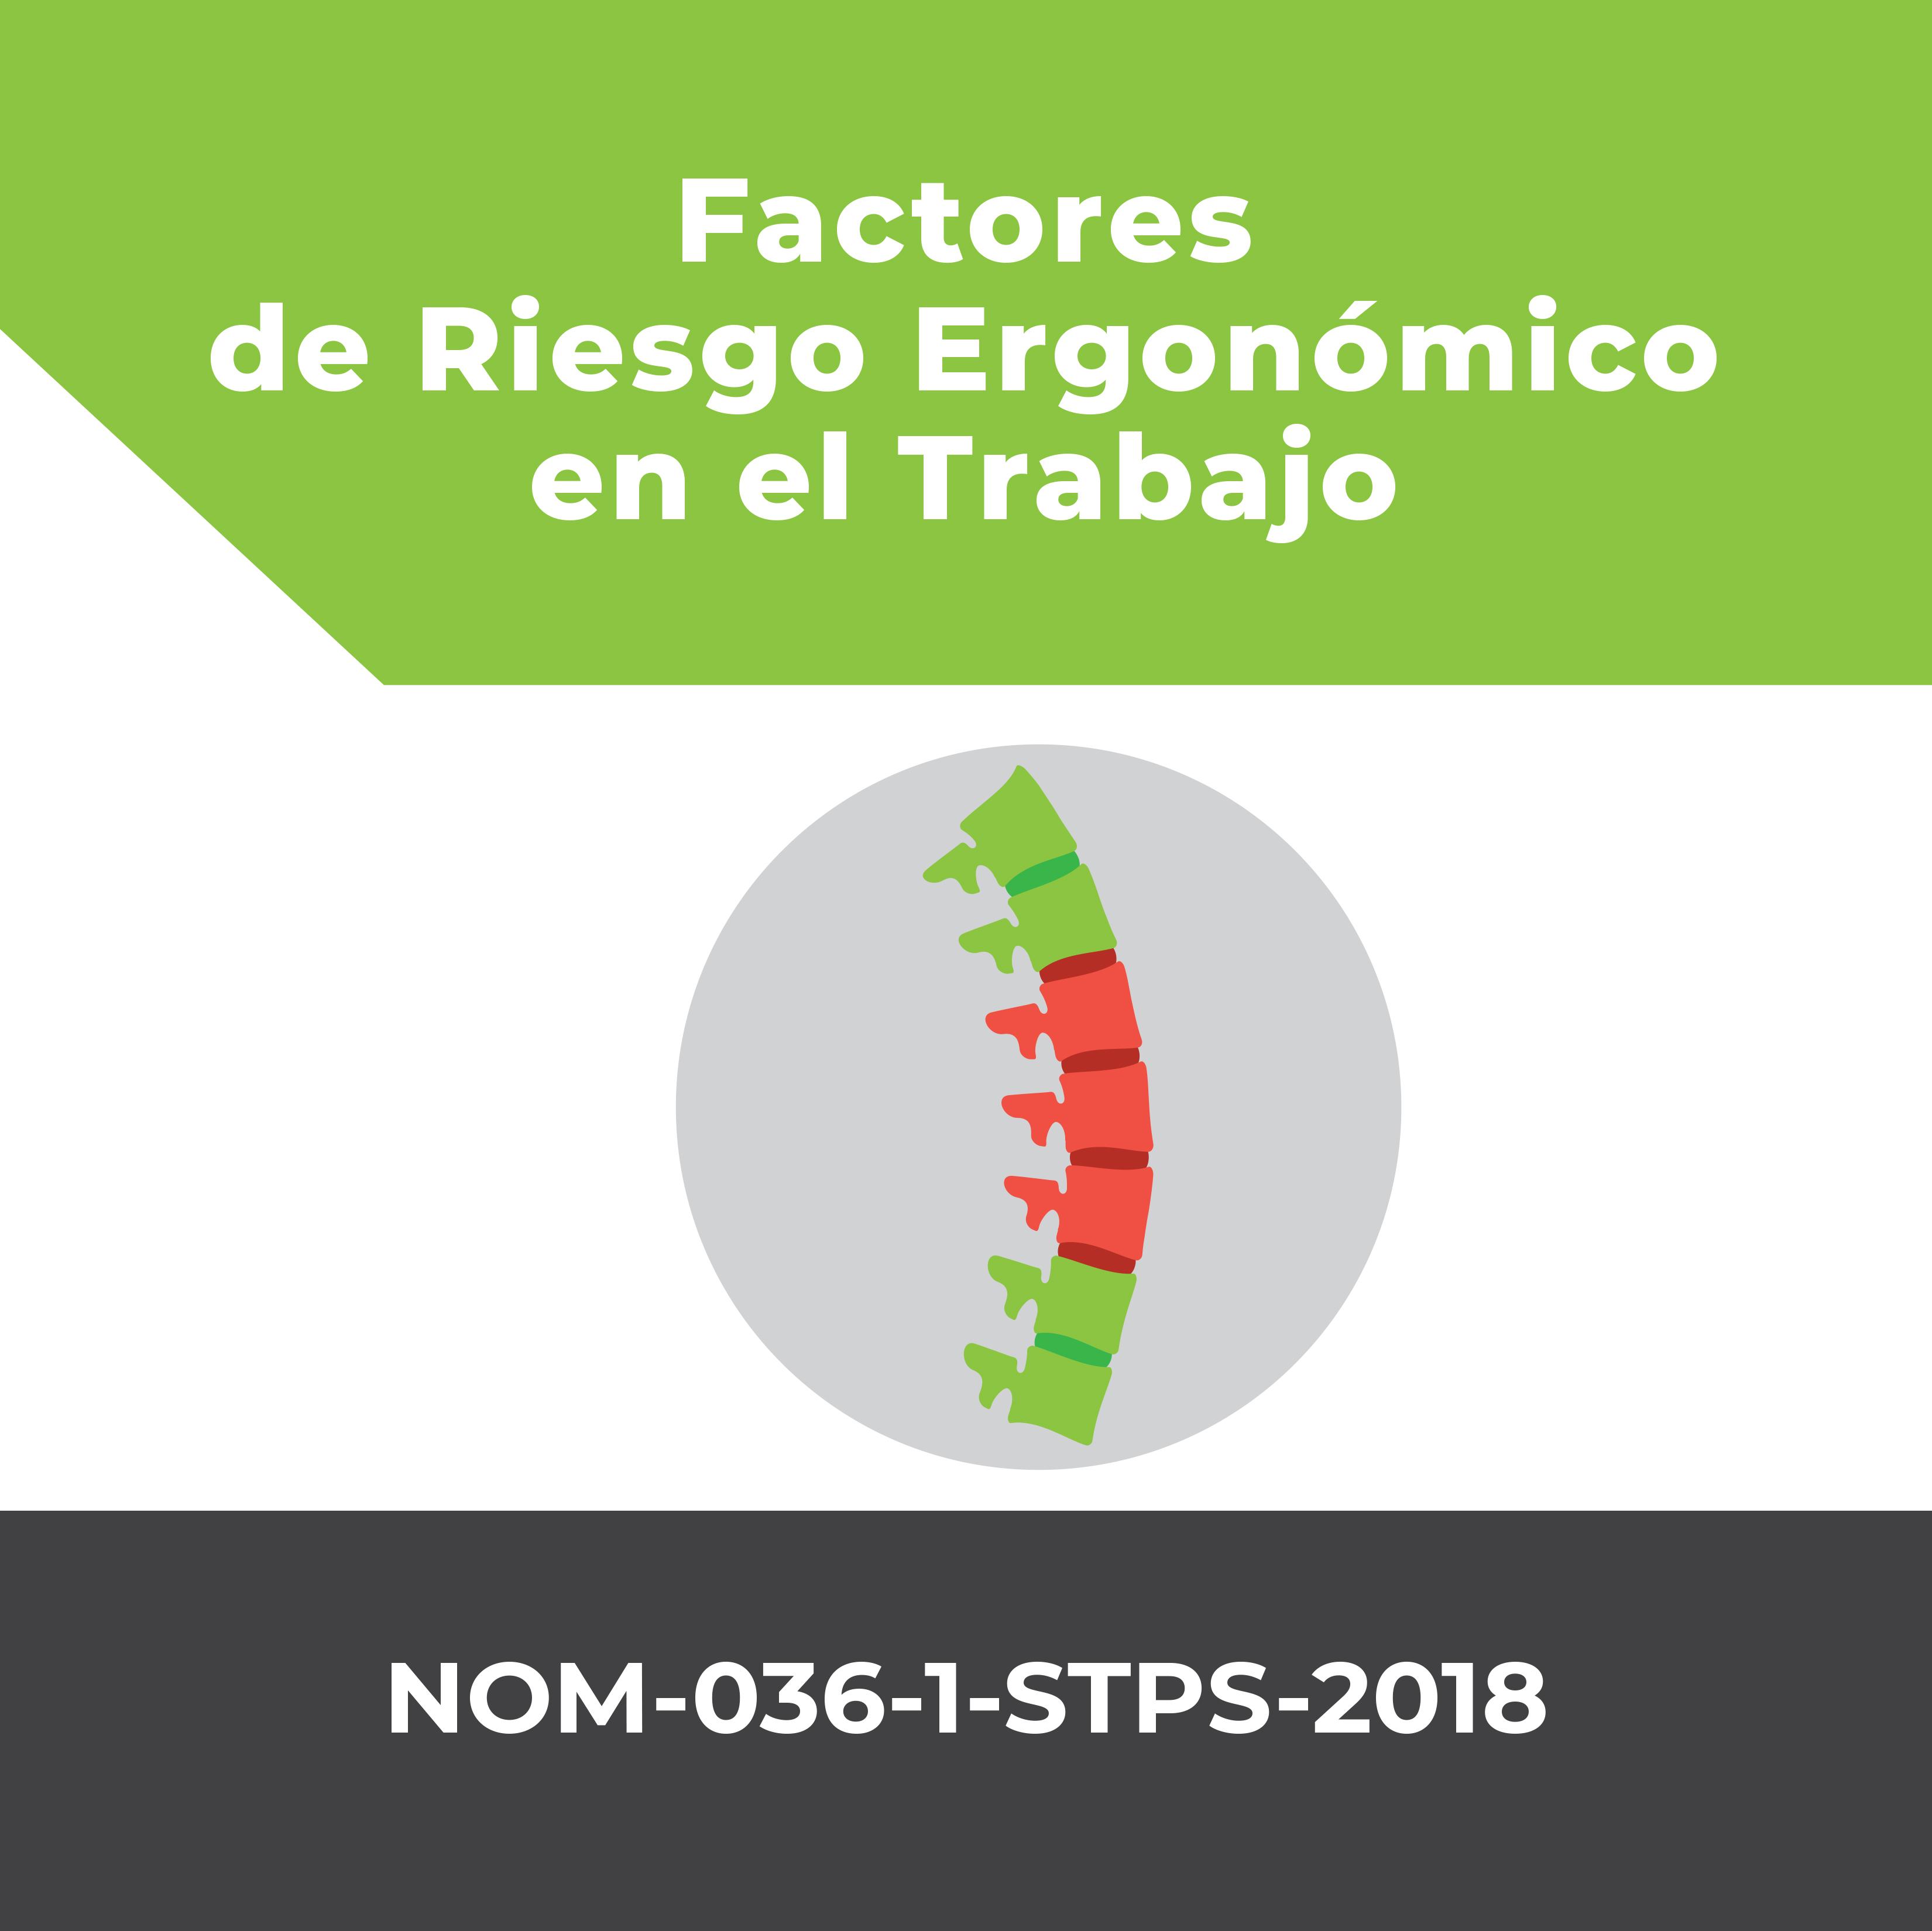 Factores de Riesgo Ergonómico en el Trabajo